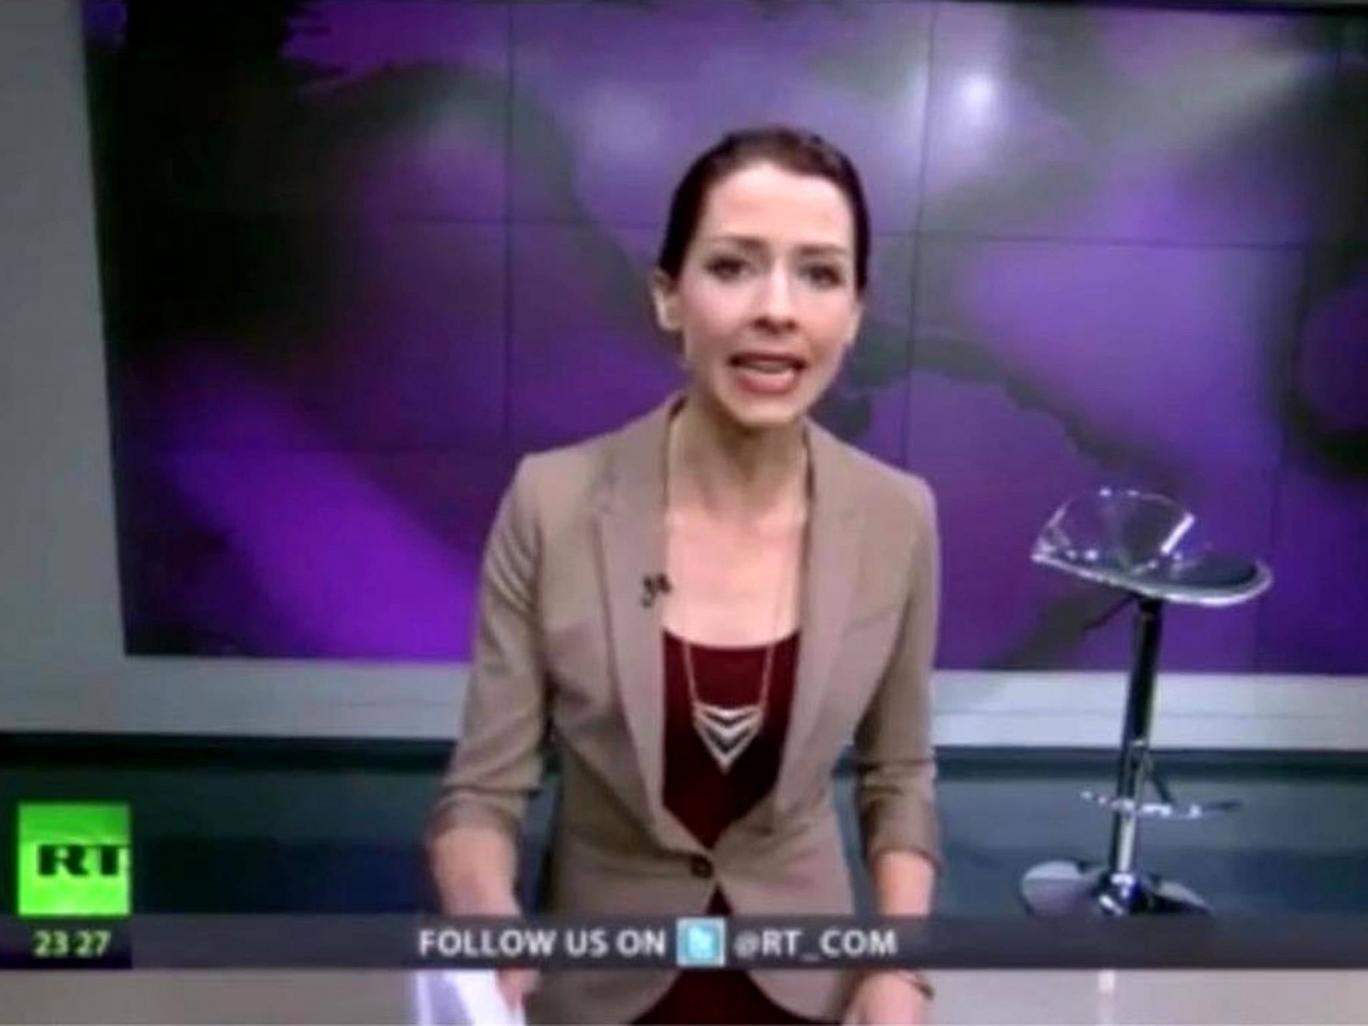 Novosti ua ukraine video dating